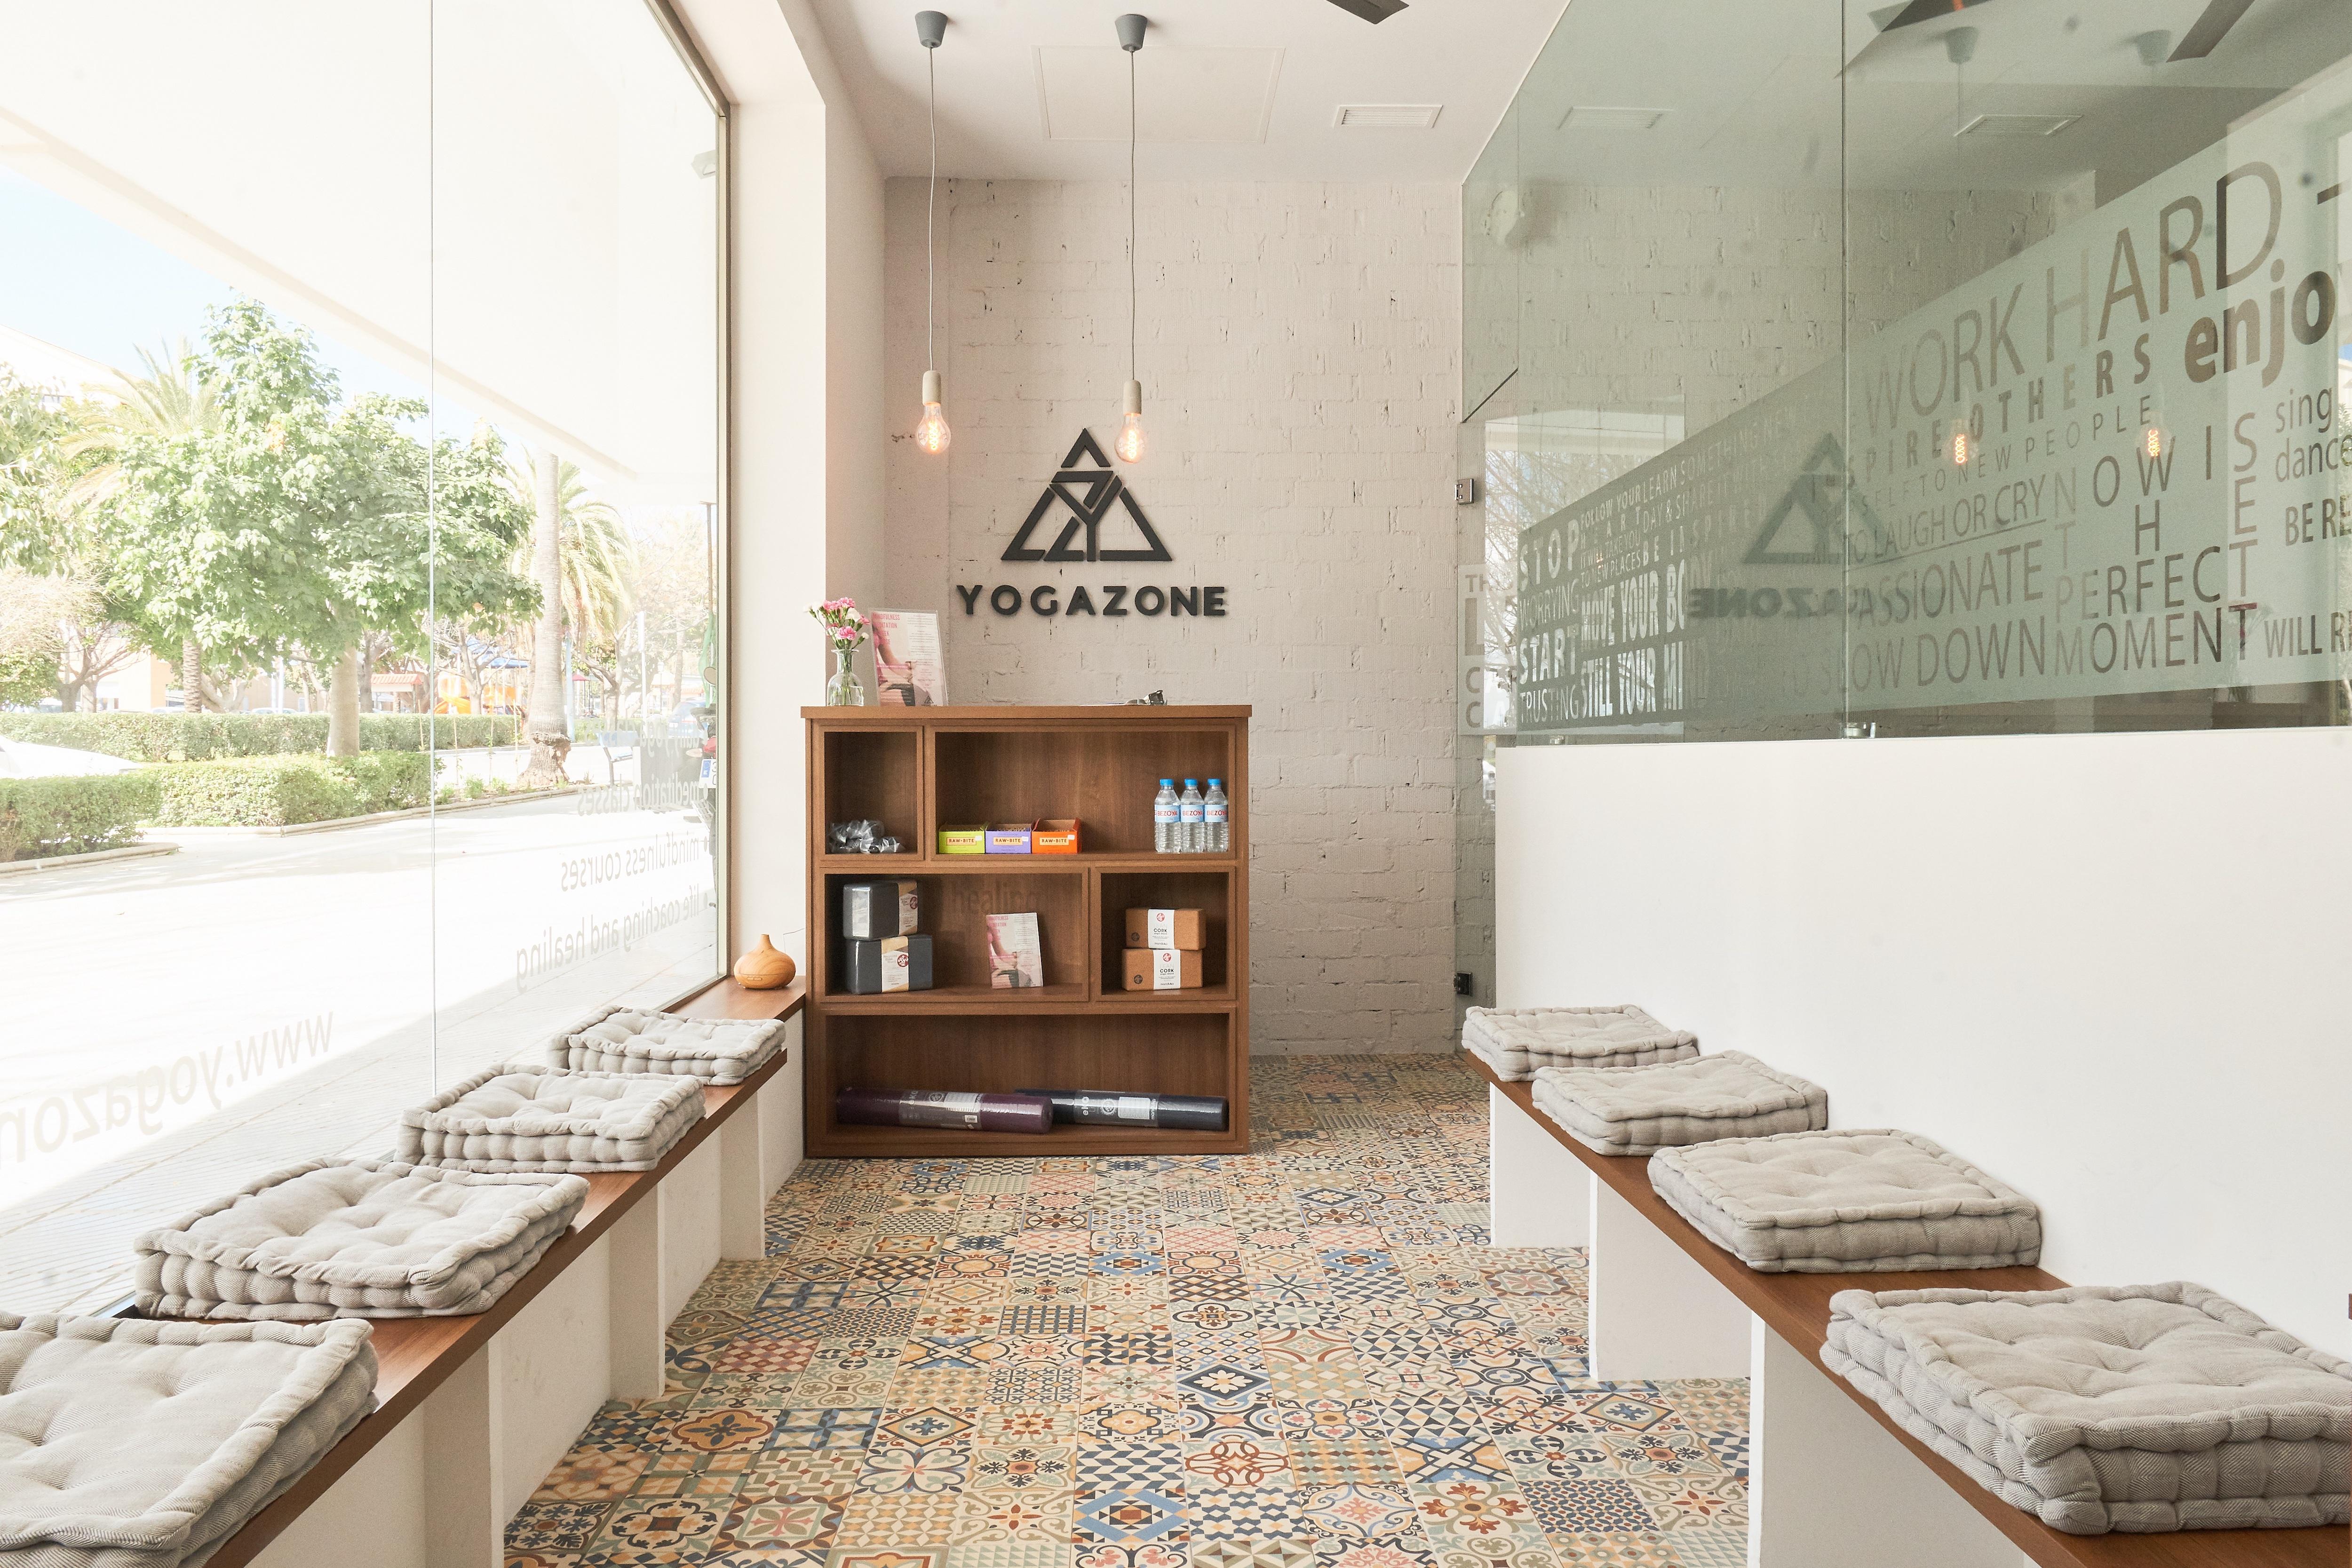 New beautiful yoga studio in marbella yogazone!